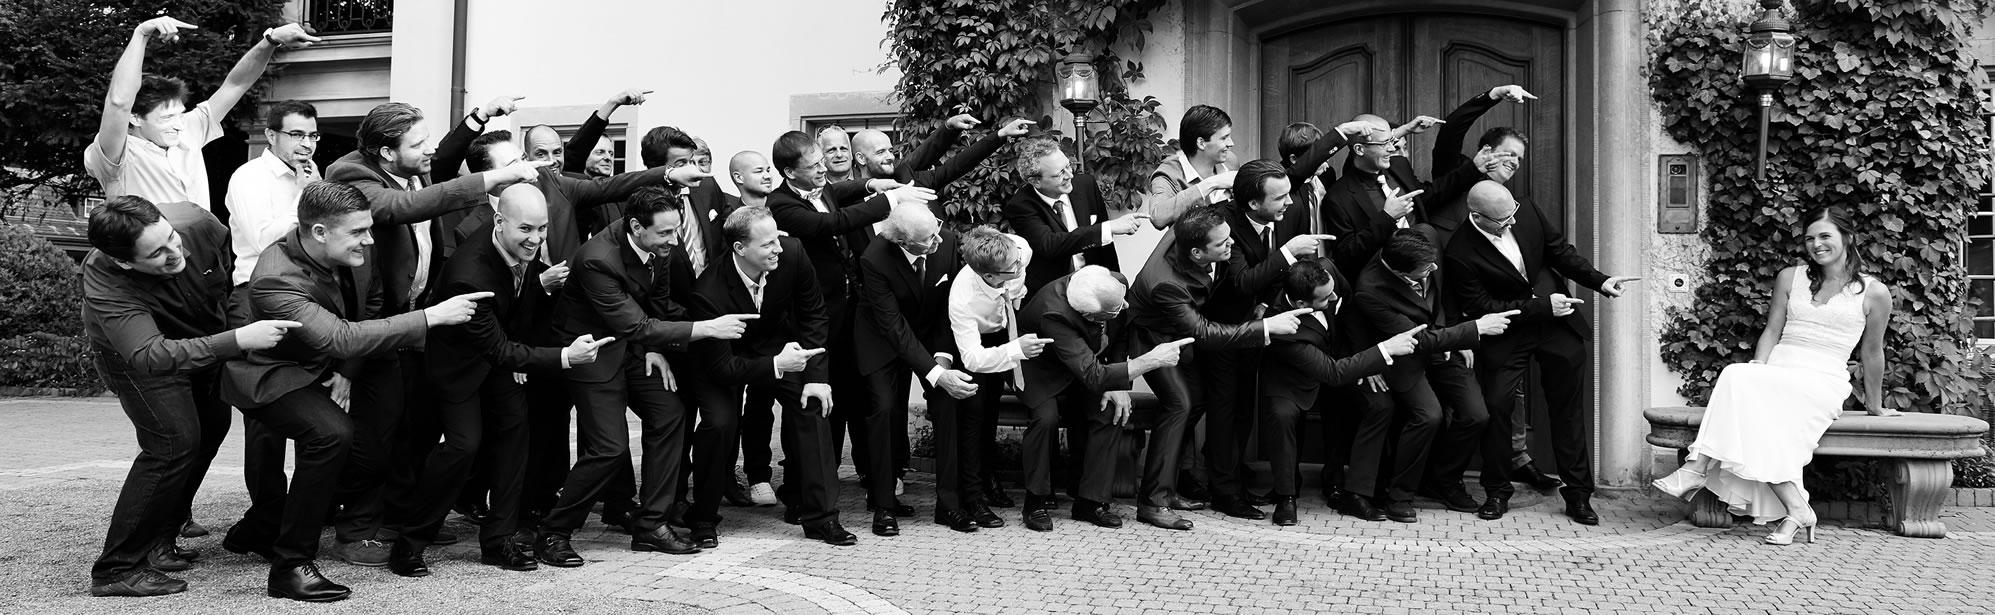 Menschen_Hochzeitsfest LilianLorenz19